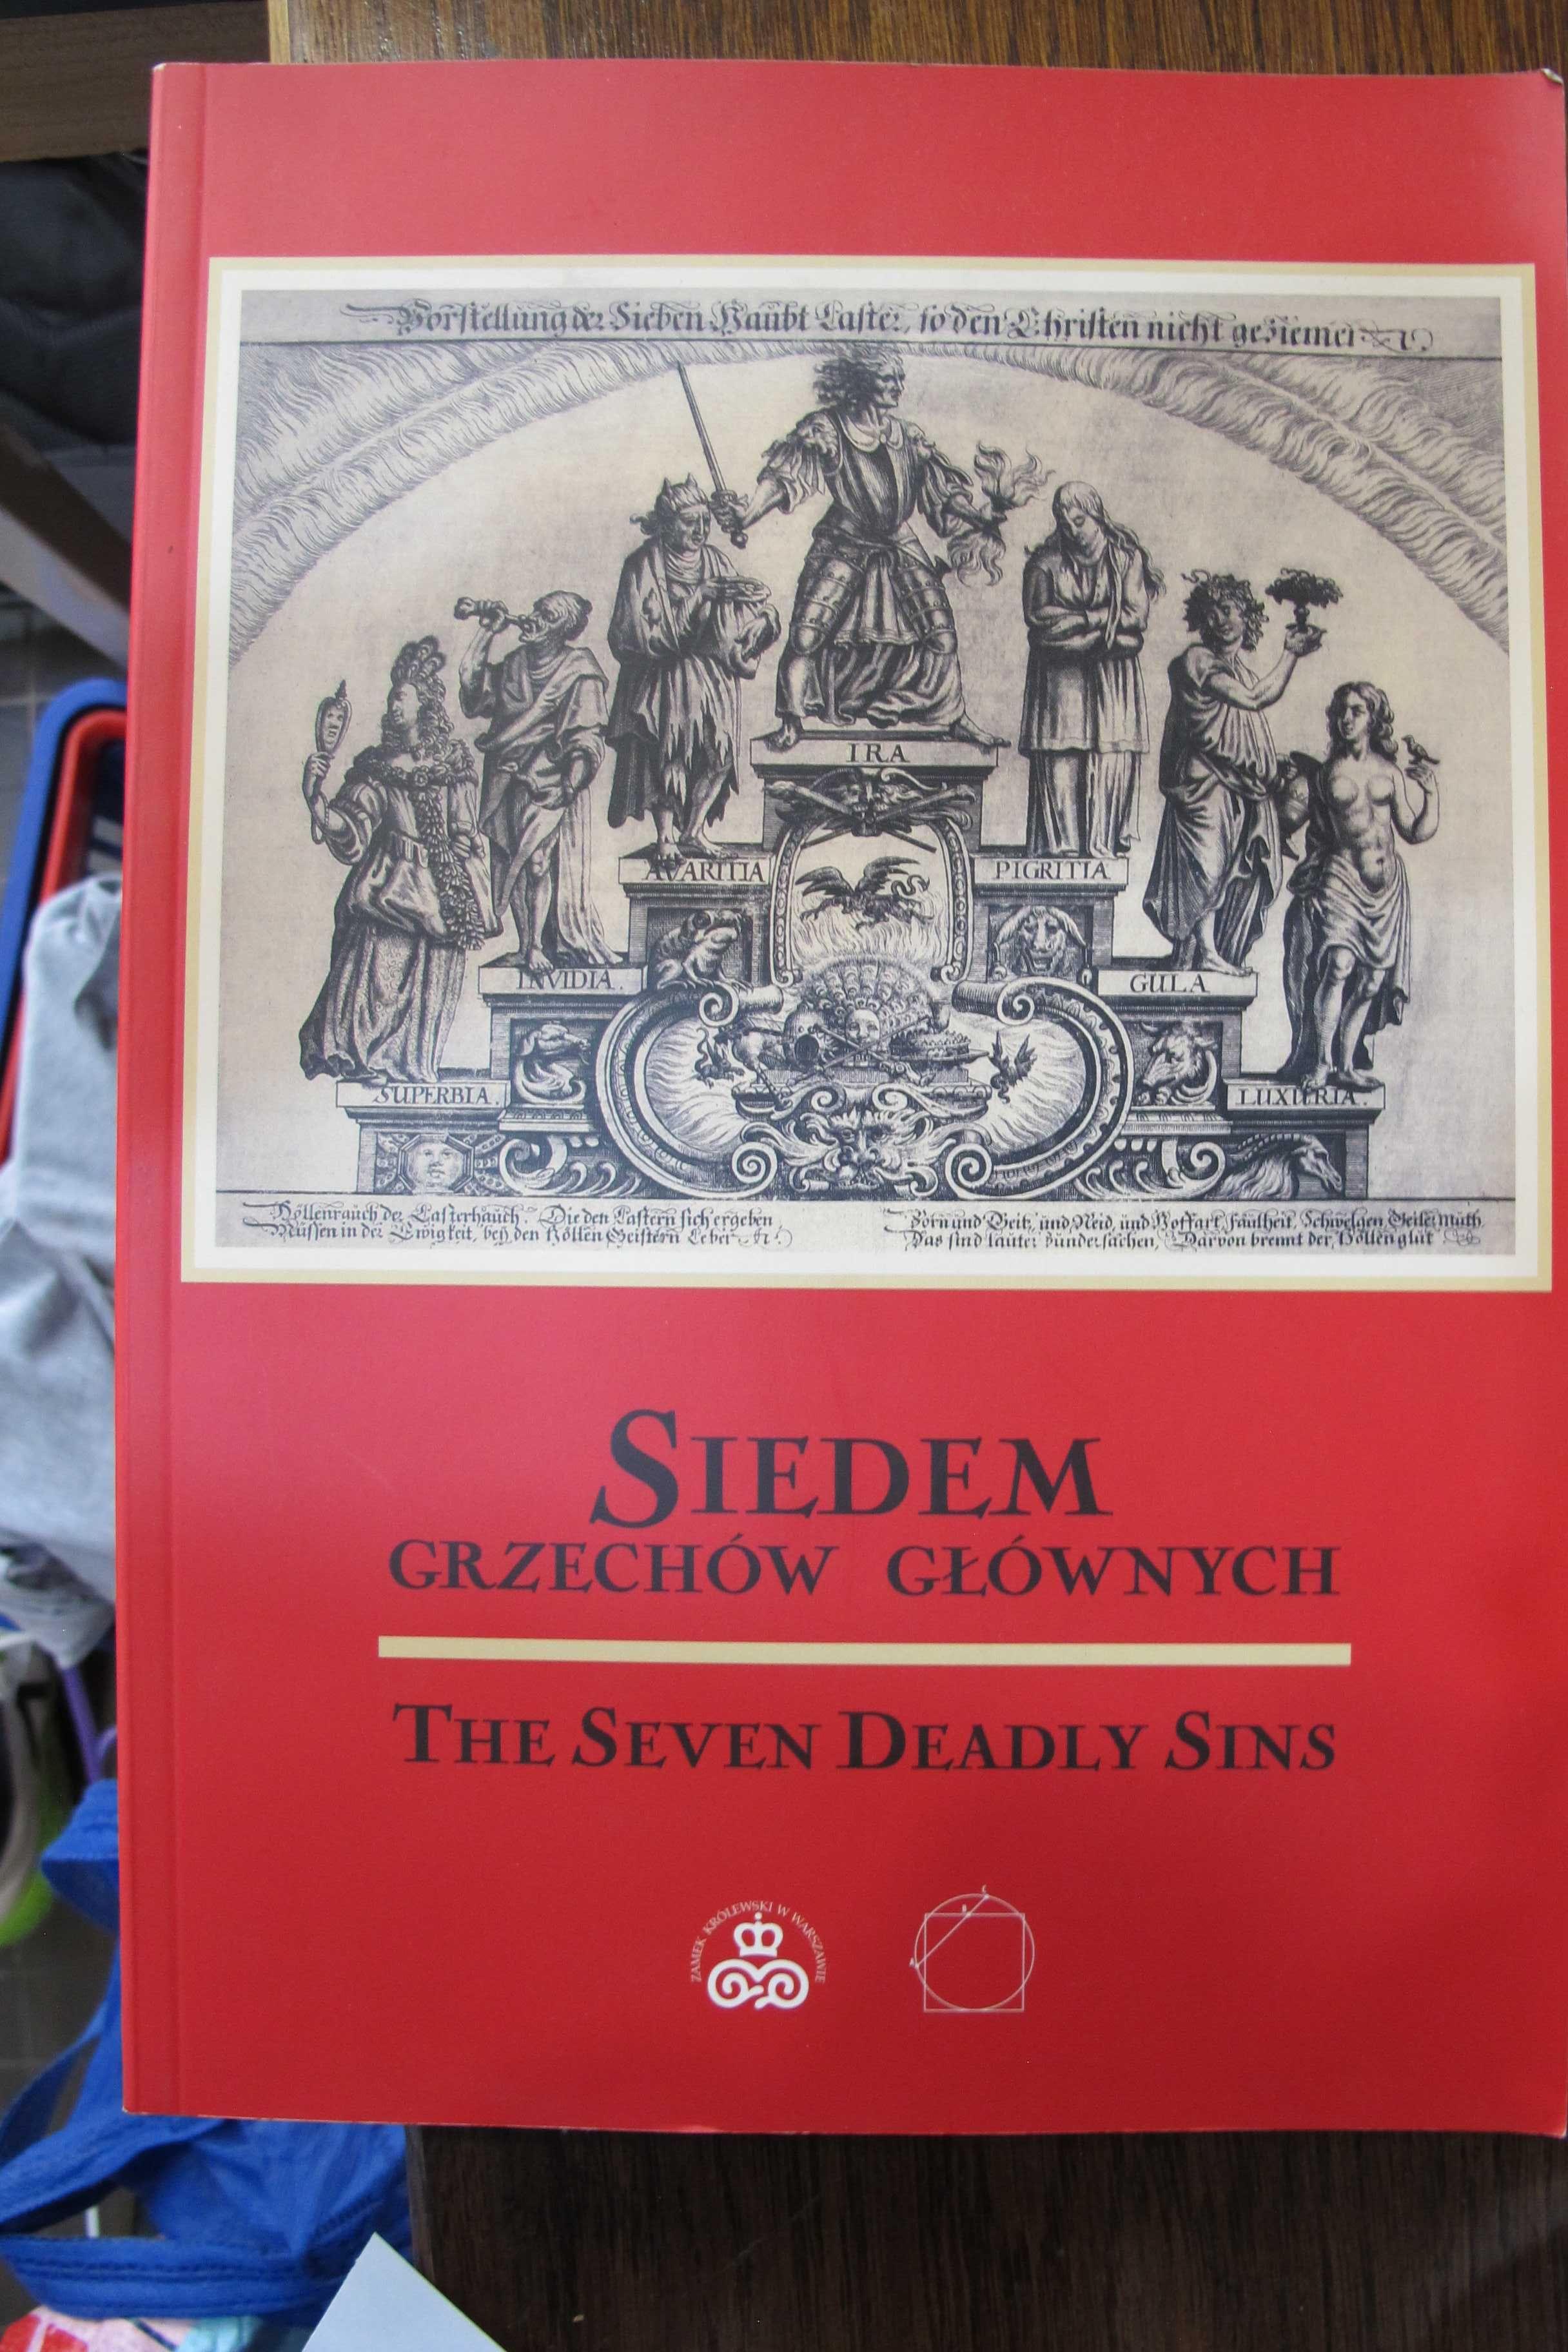 Siedem Grzechów Głównych -Ryciny-Zamek Królewski w Warszawie